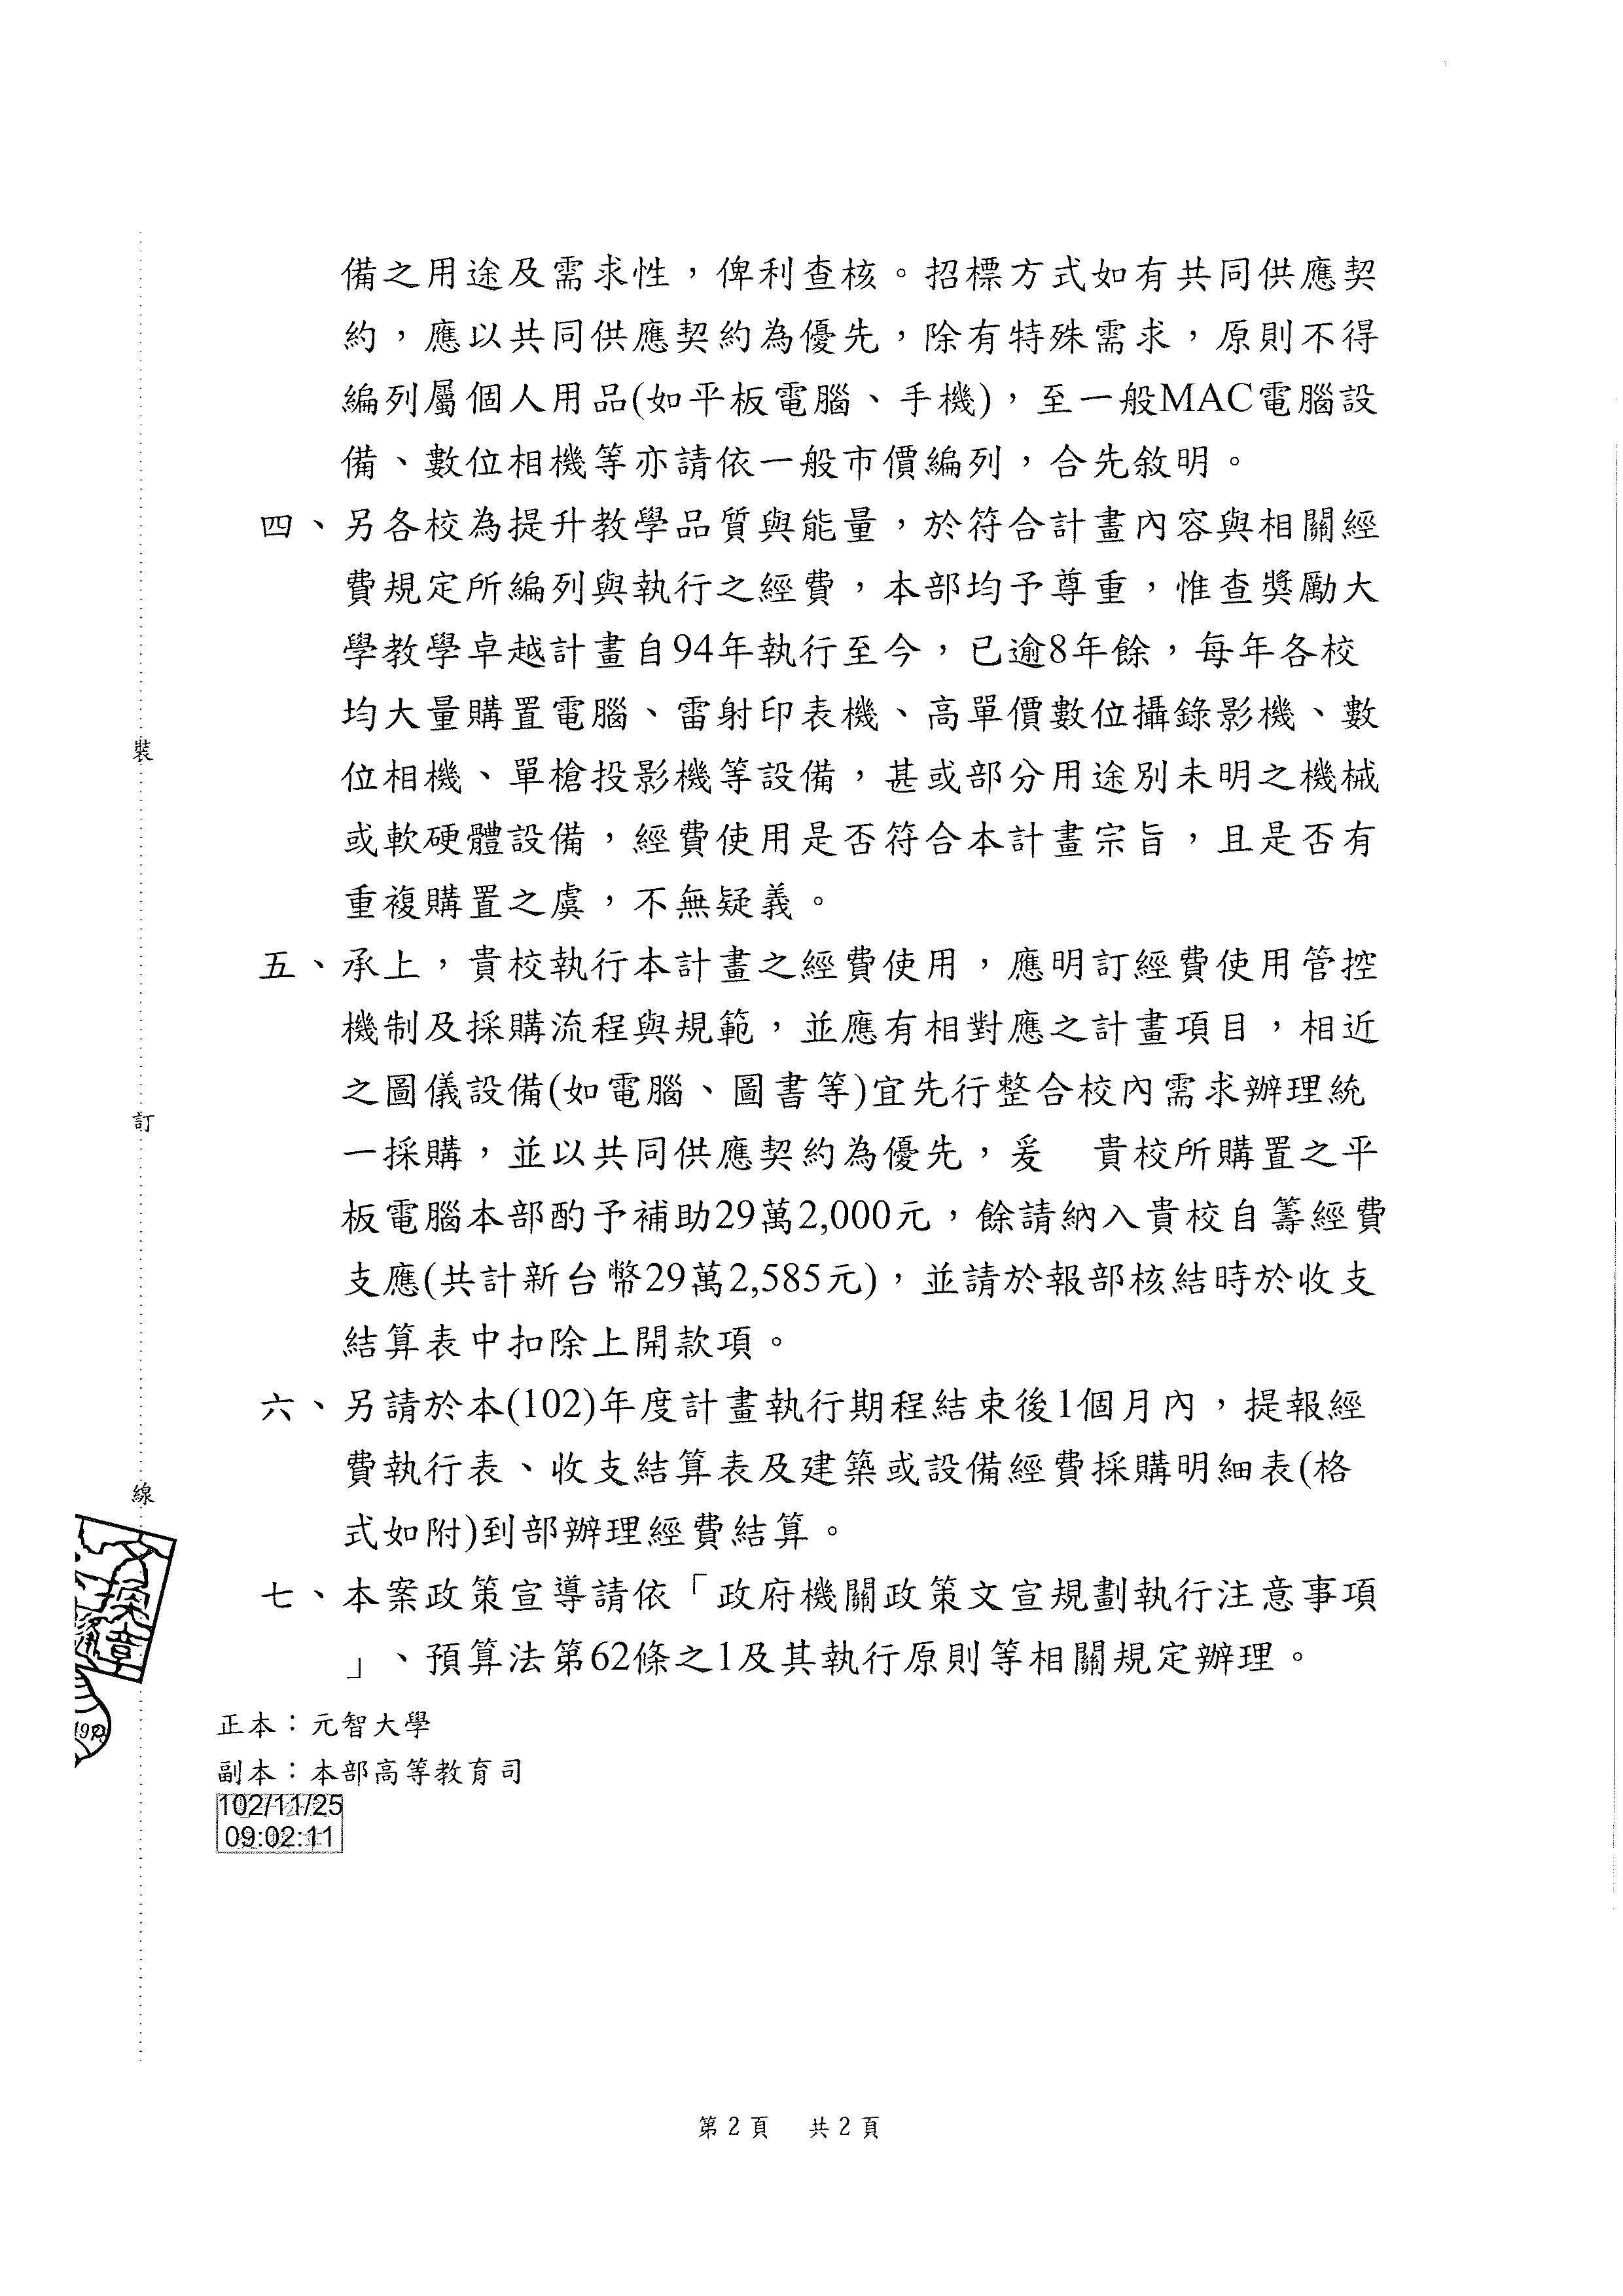 教育部公告2